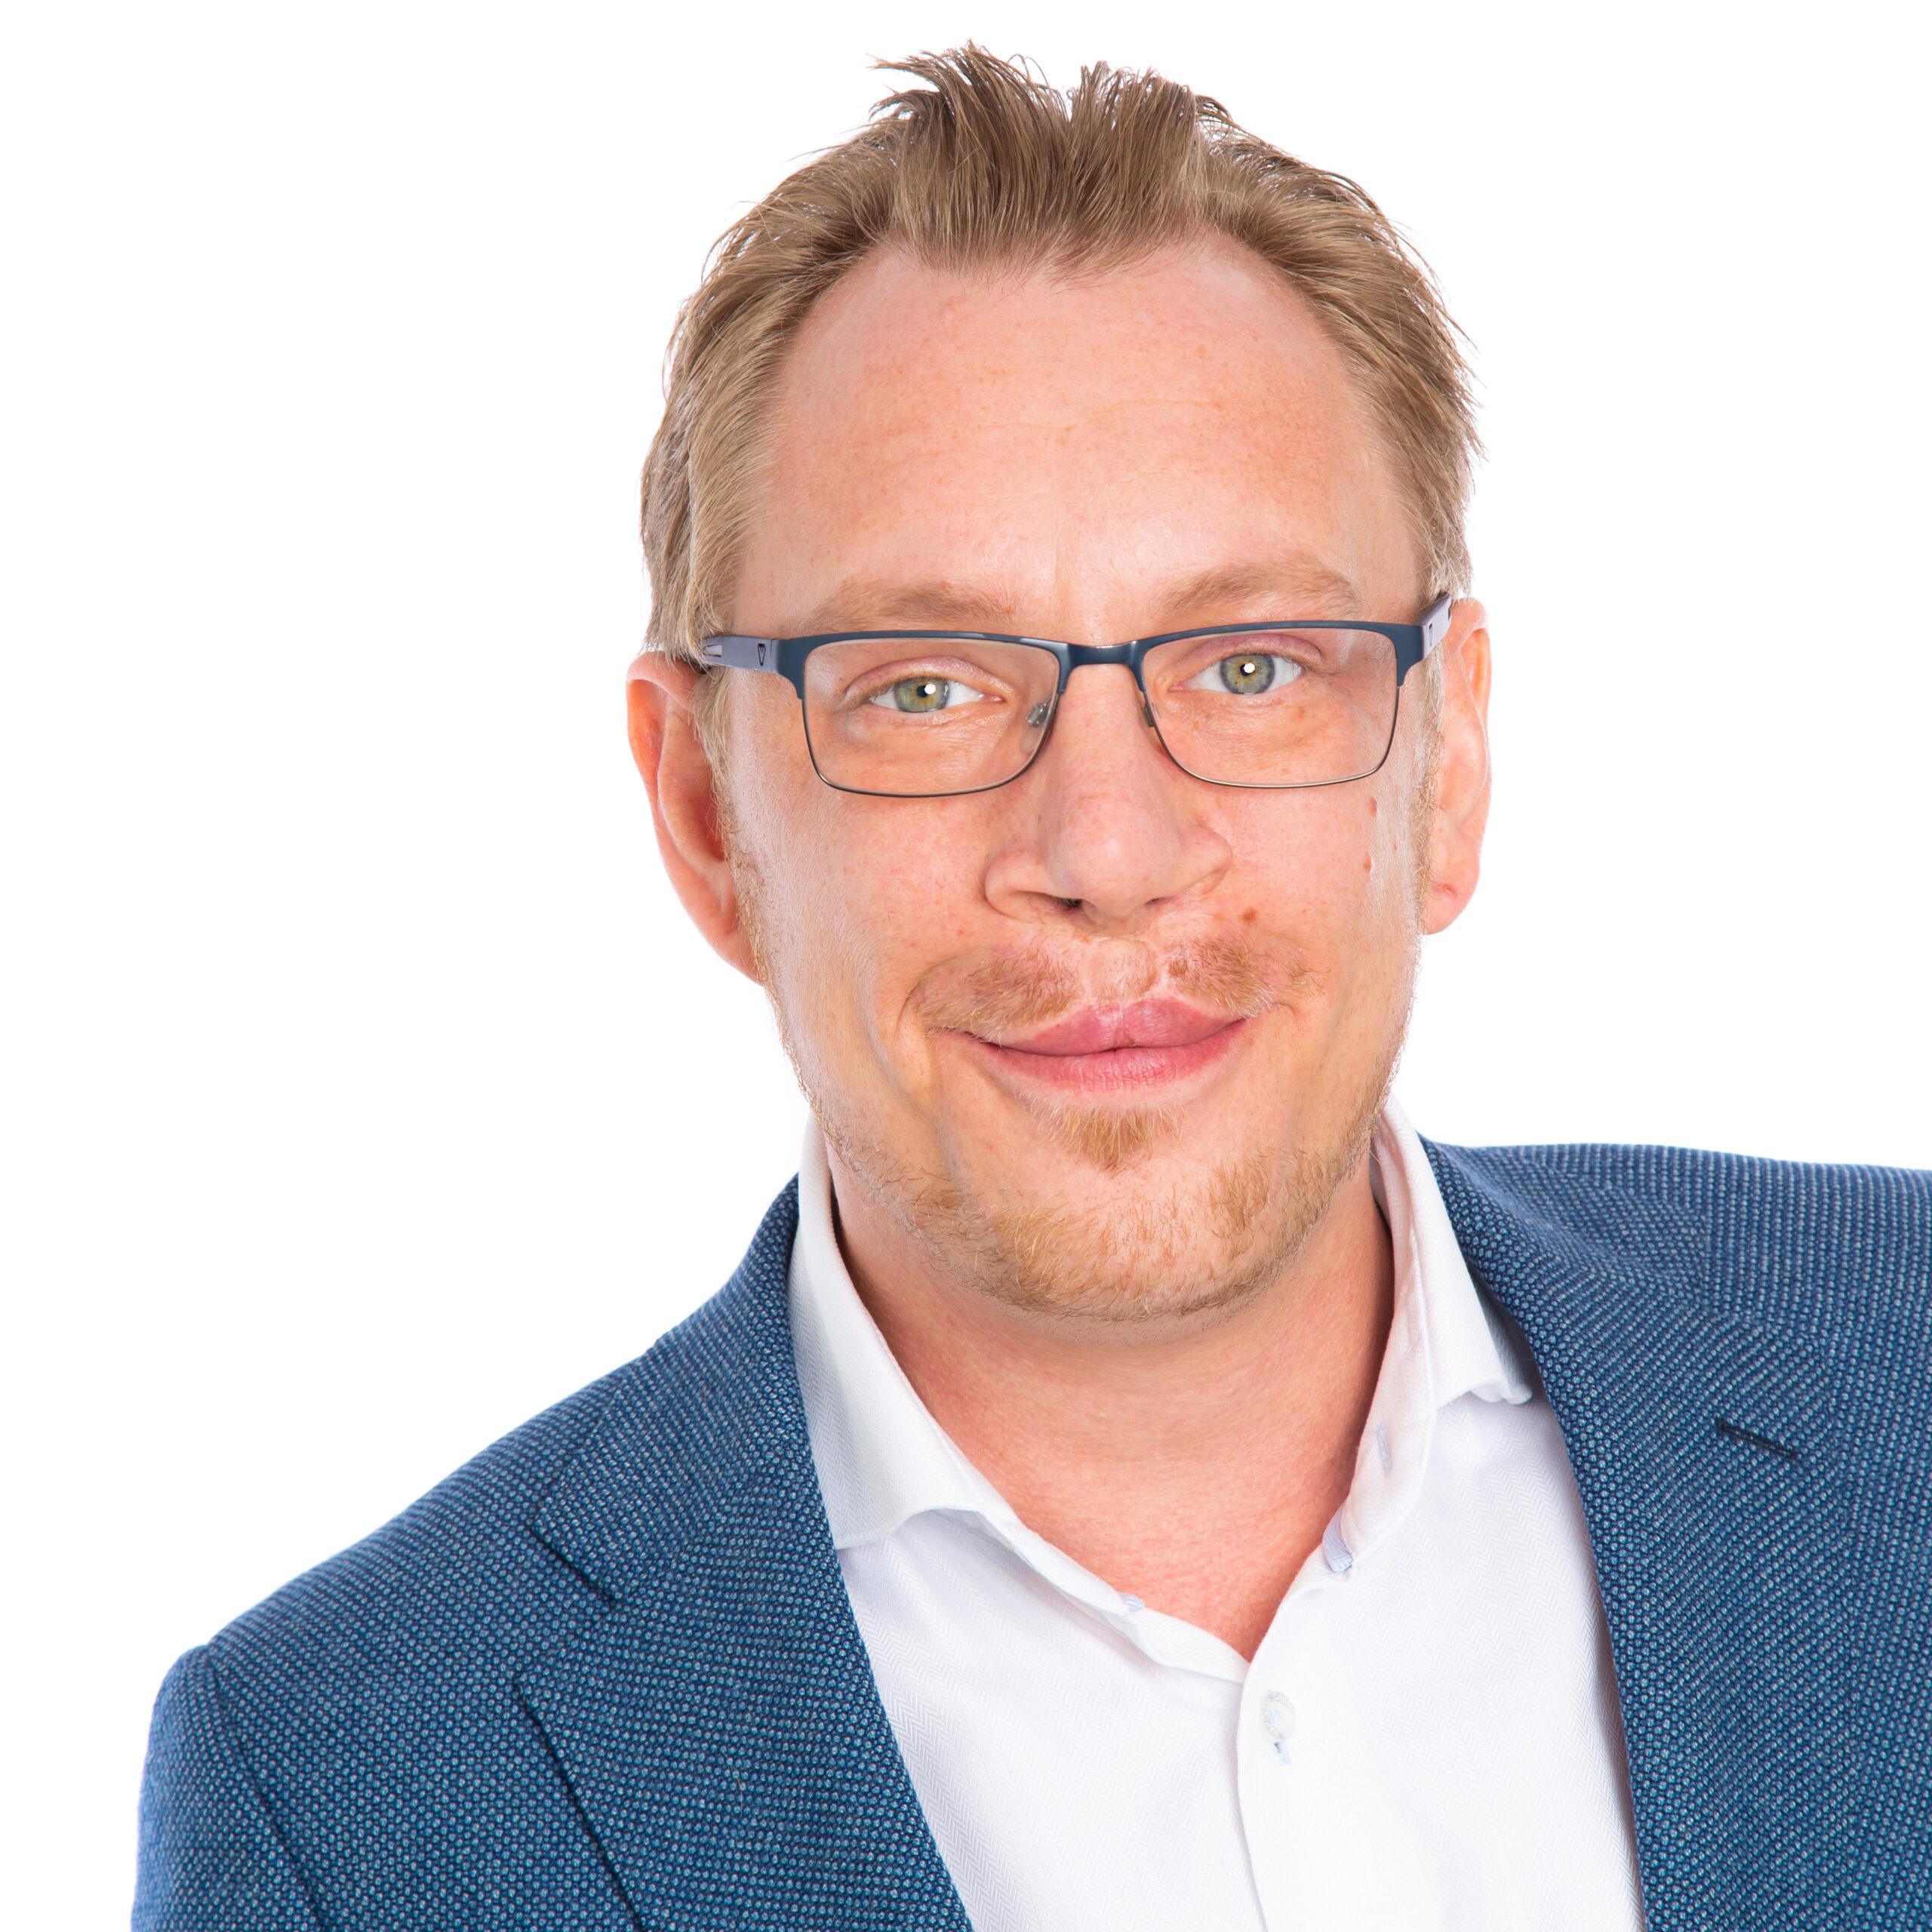 Merijn Burger Support ineenflits 5-8-21+